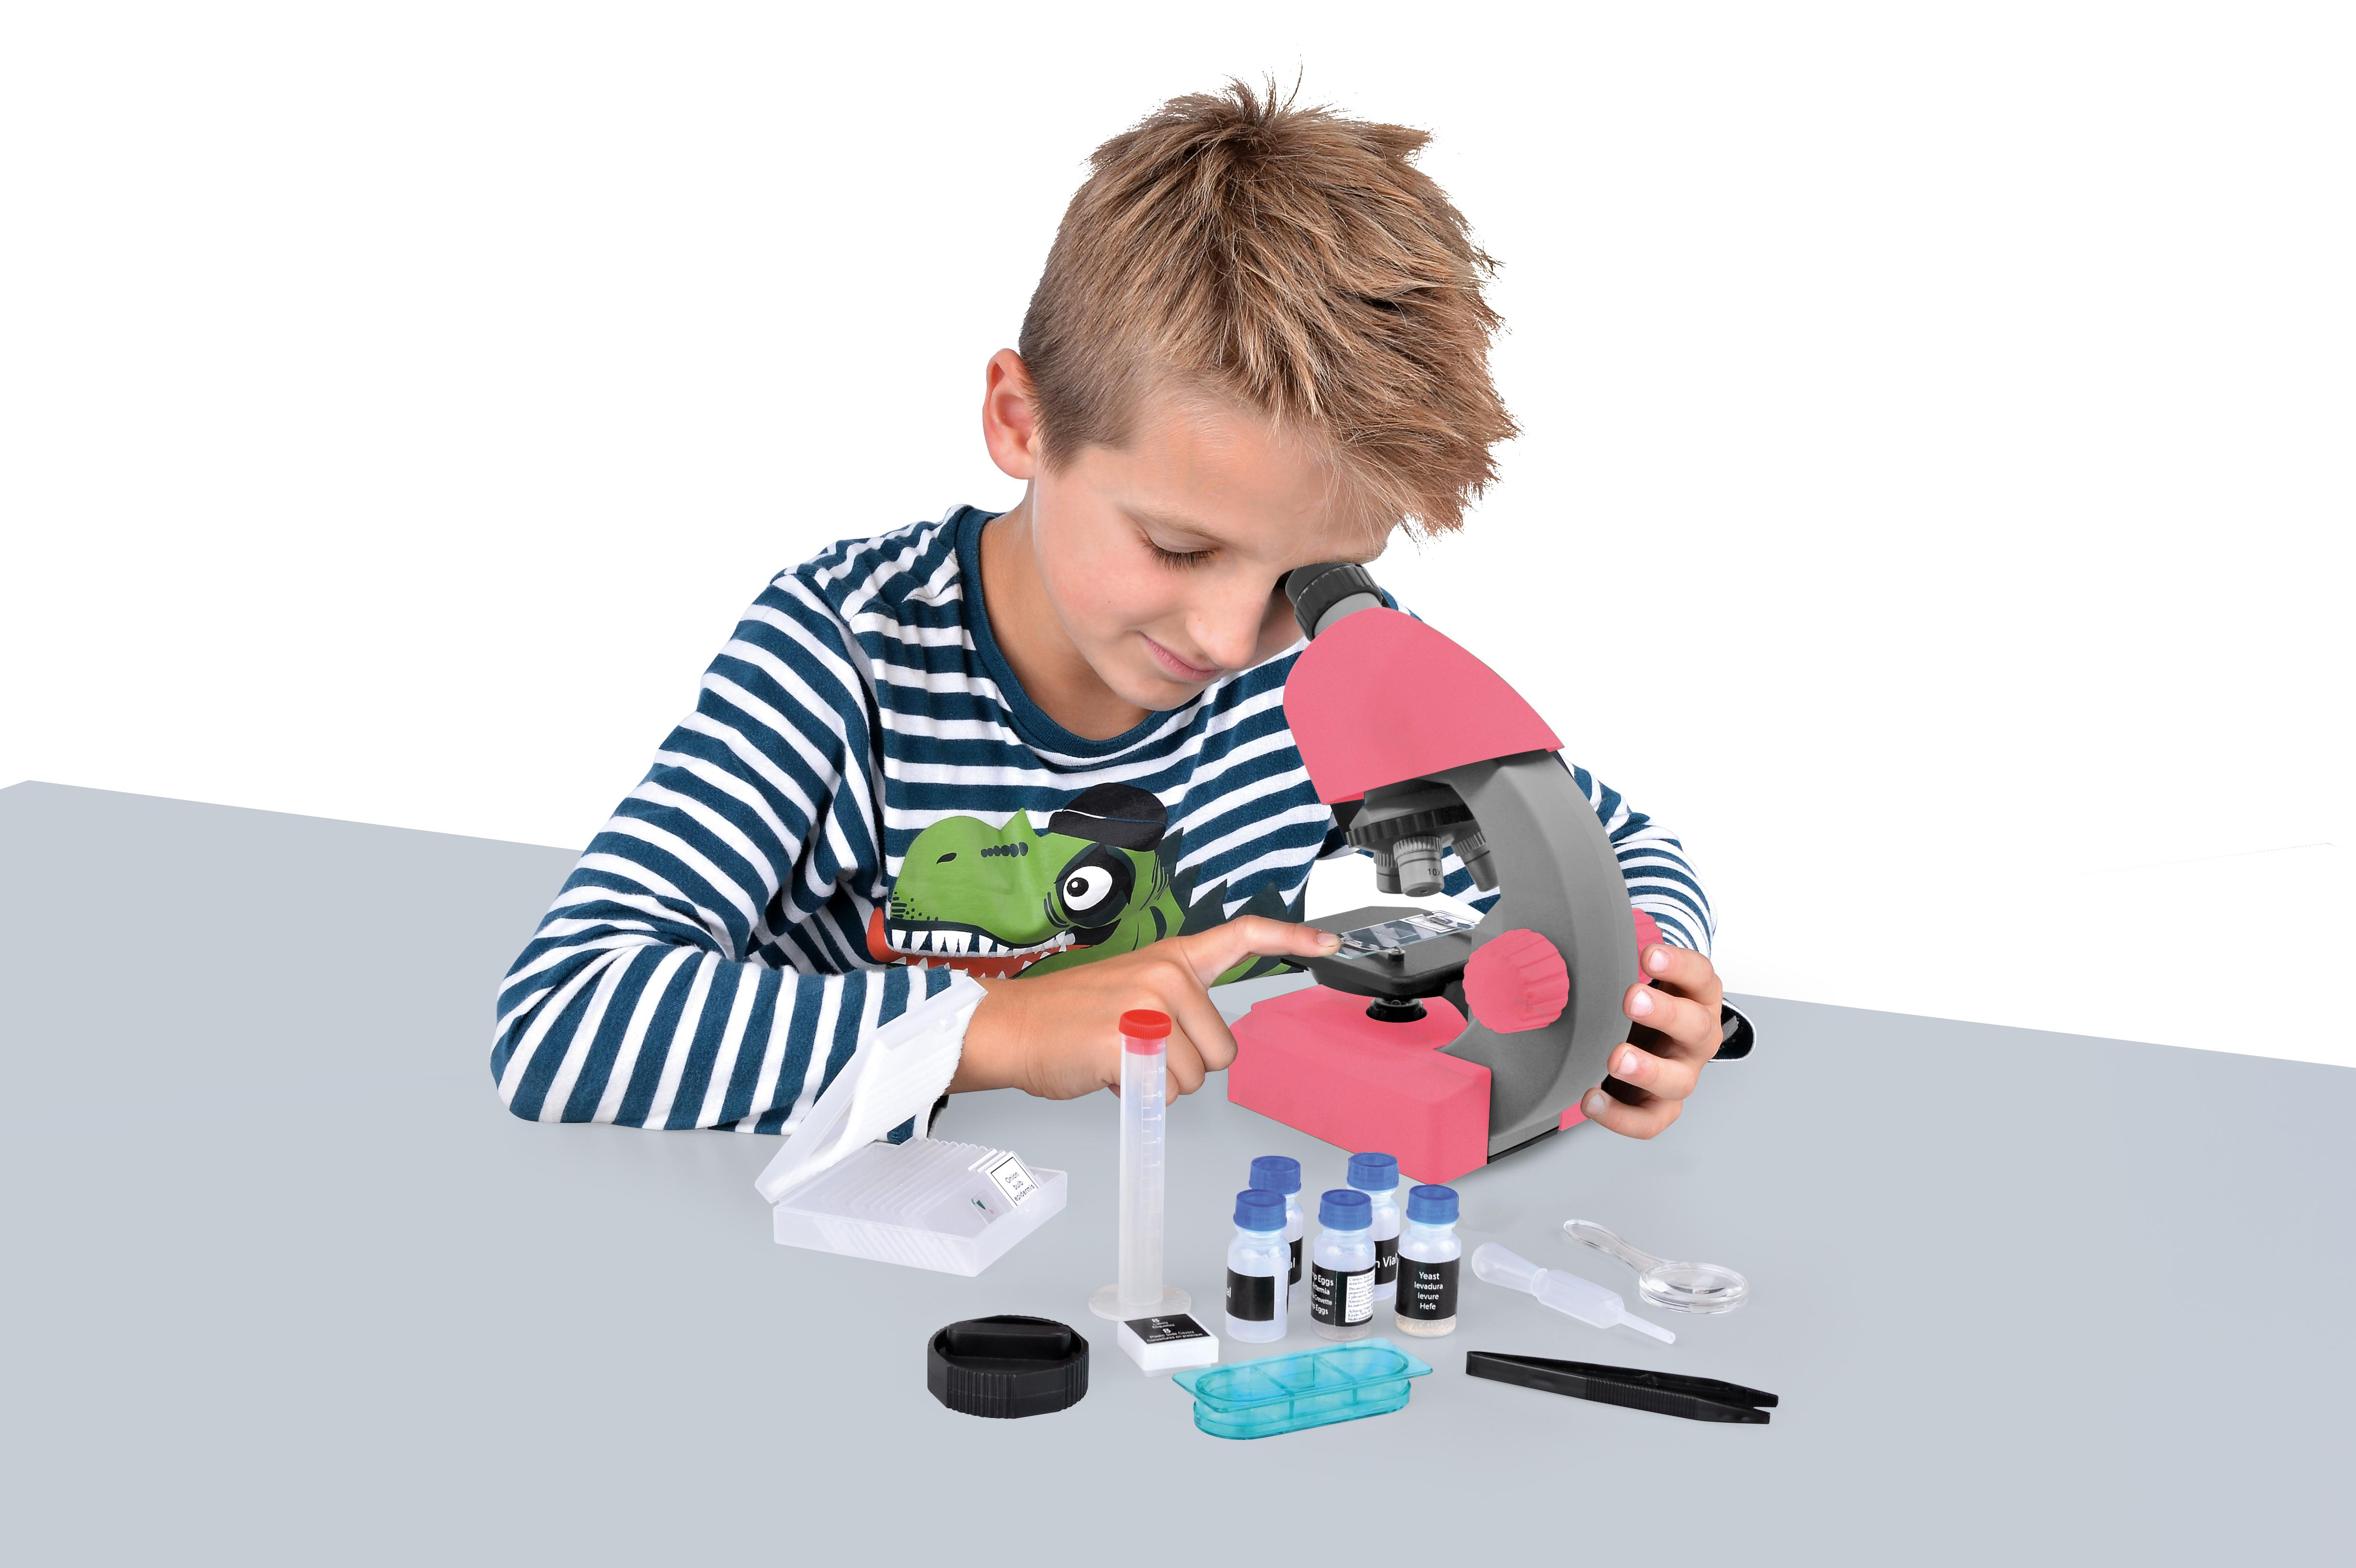 Bresser junior mikroskop 40 640x rosa: amazon.de: gewerbe